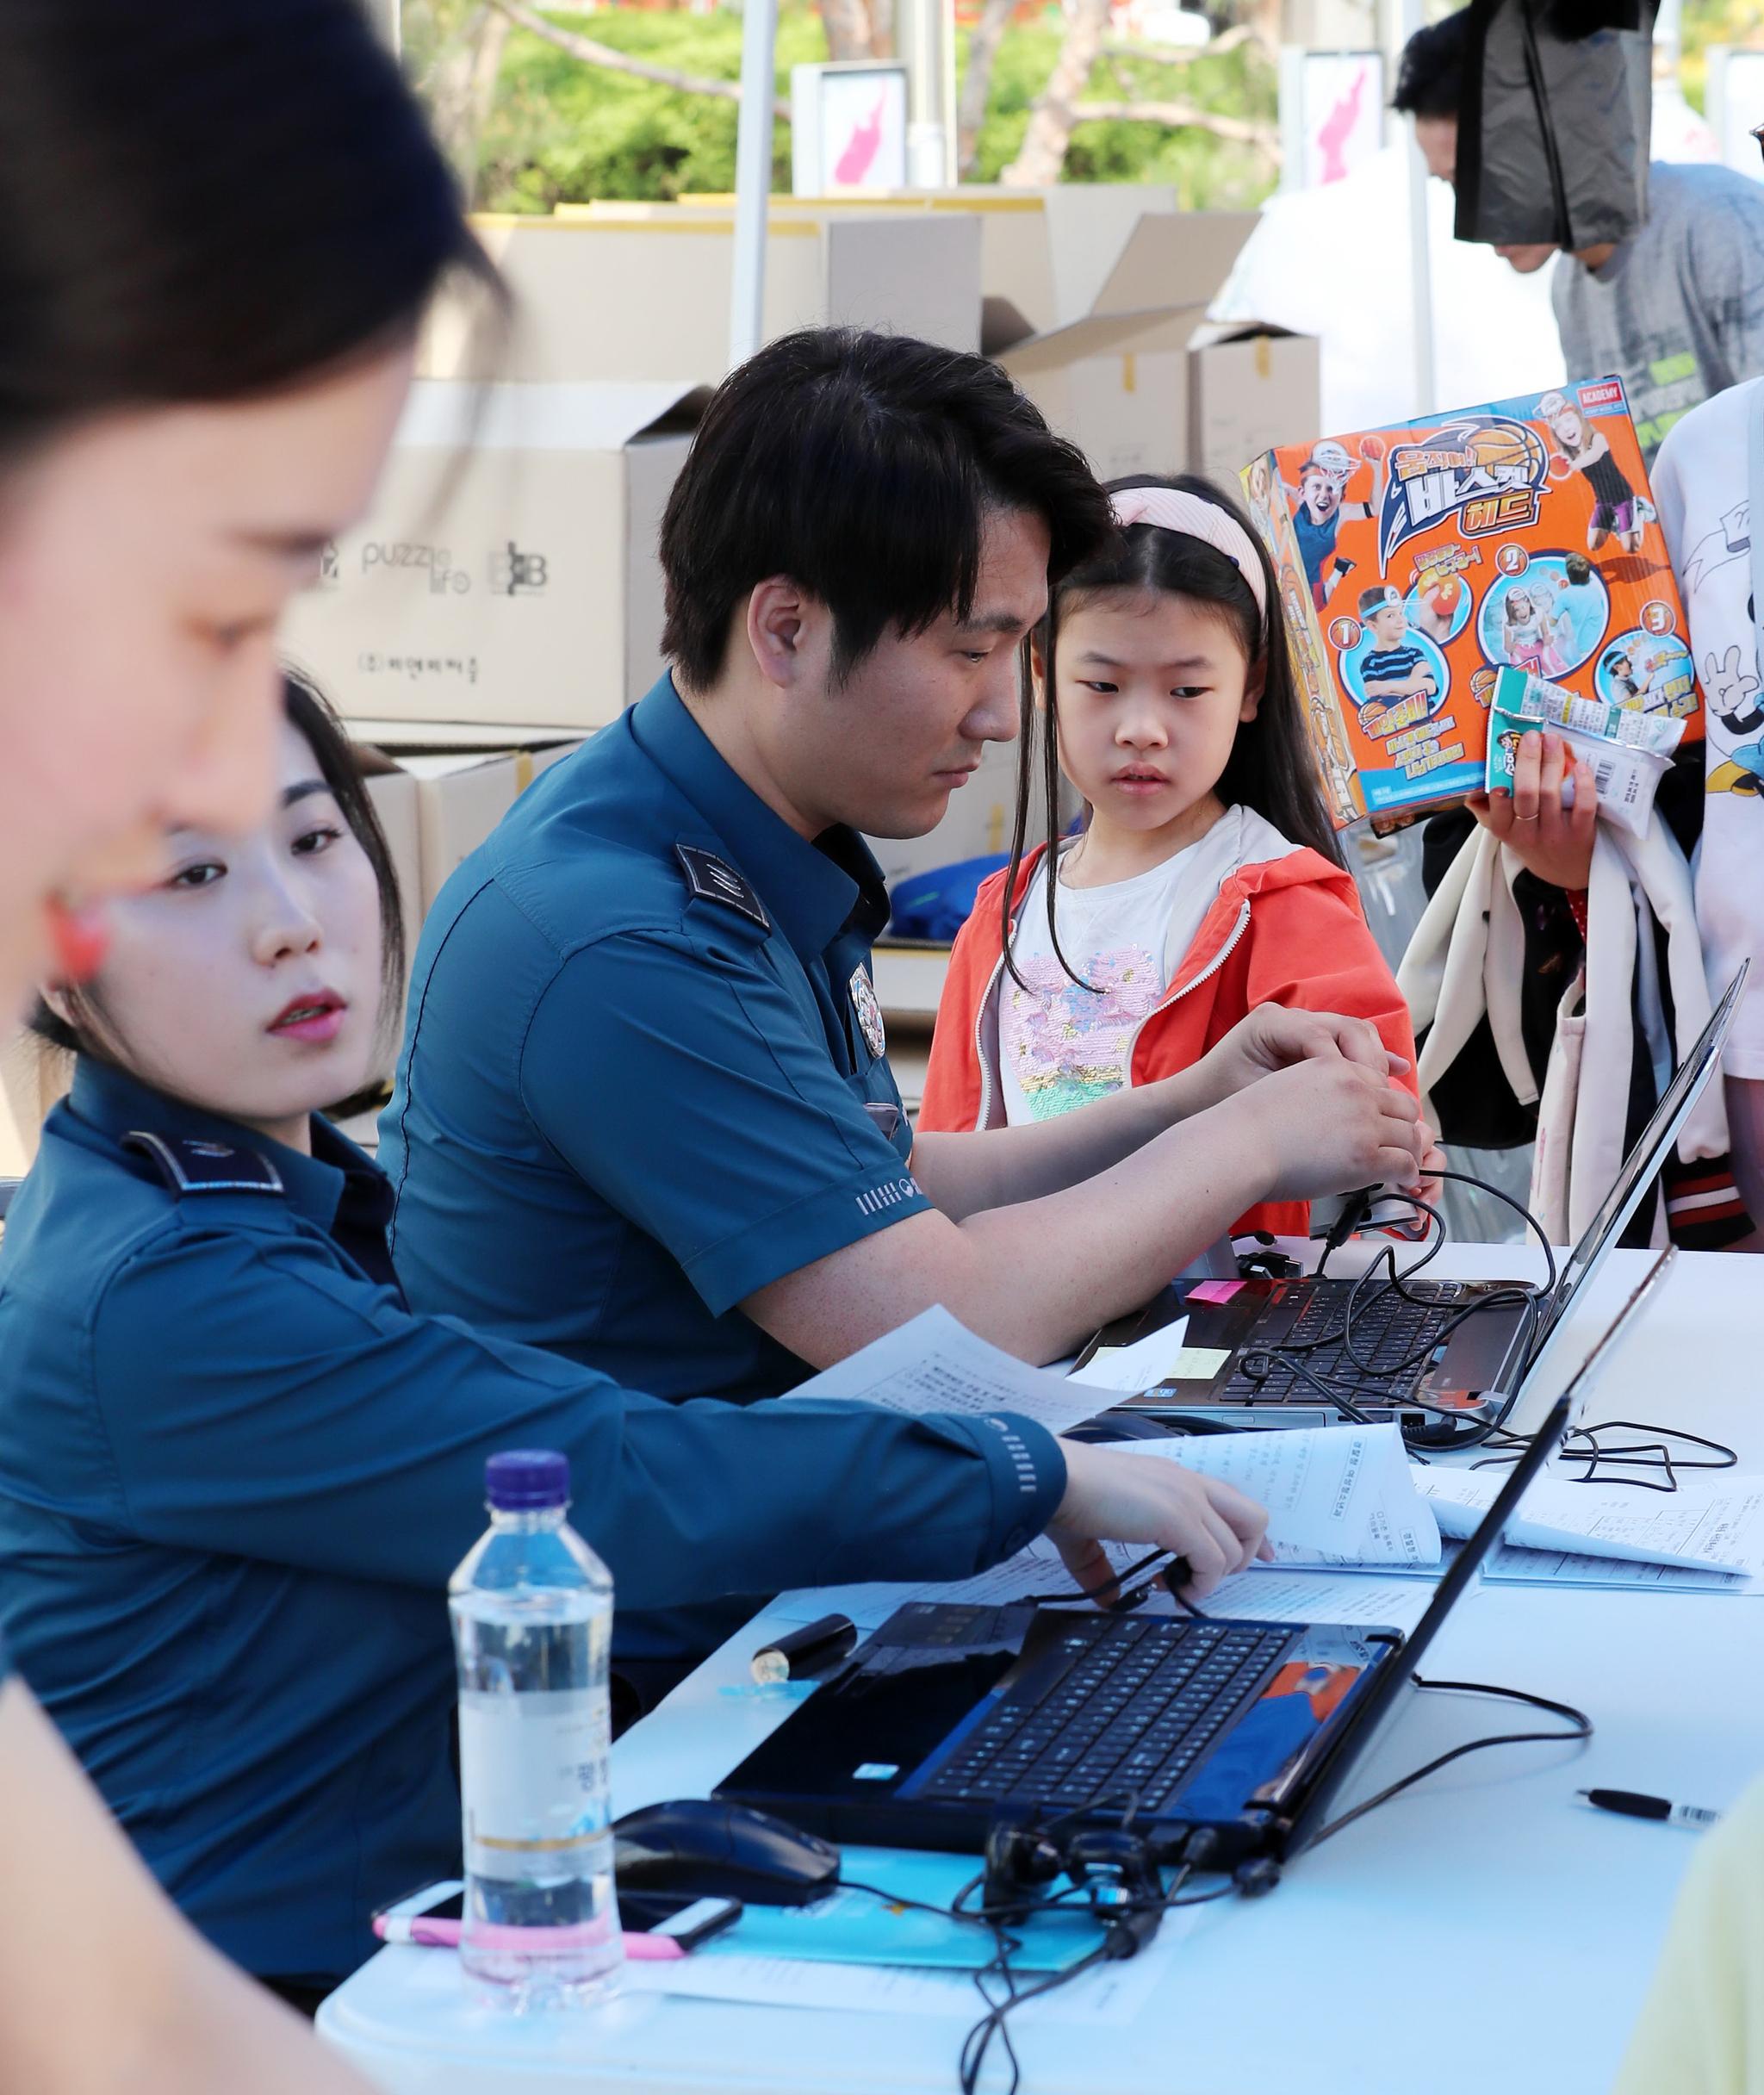 5일 오전 서울 용산 전쟁기념관에서 열린 '어린이날 문화축제'에 참가한 어린이들이 미아방지 지문등록을 하고 있다. [뉴시스]